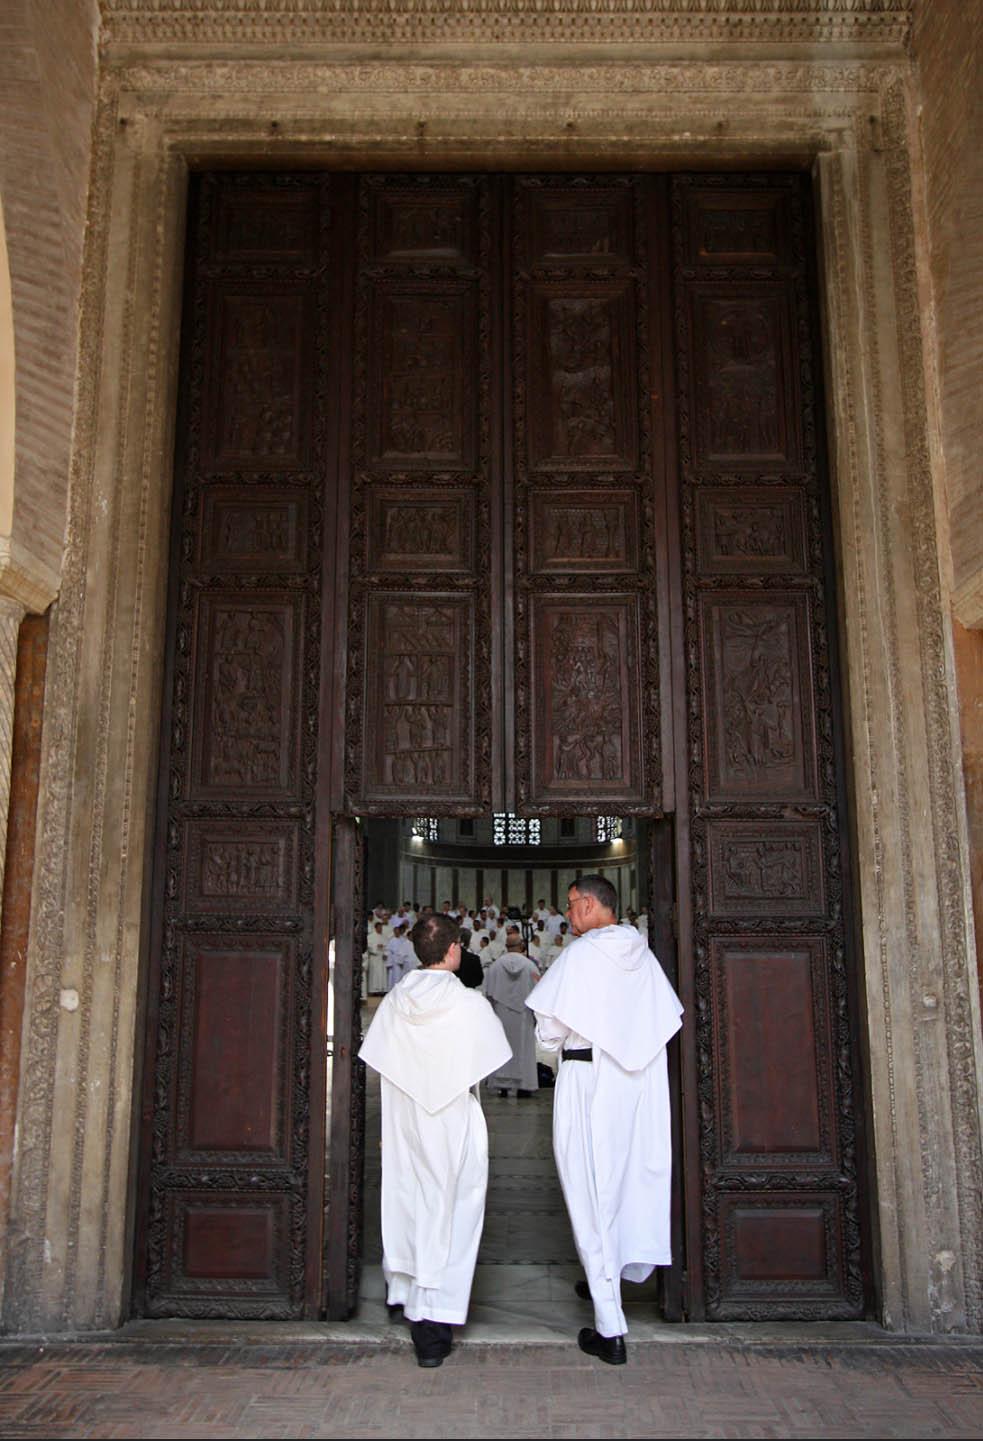 Entrance of Basilica Santa Sabina